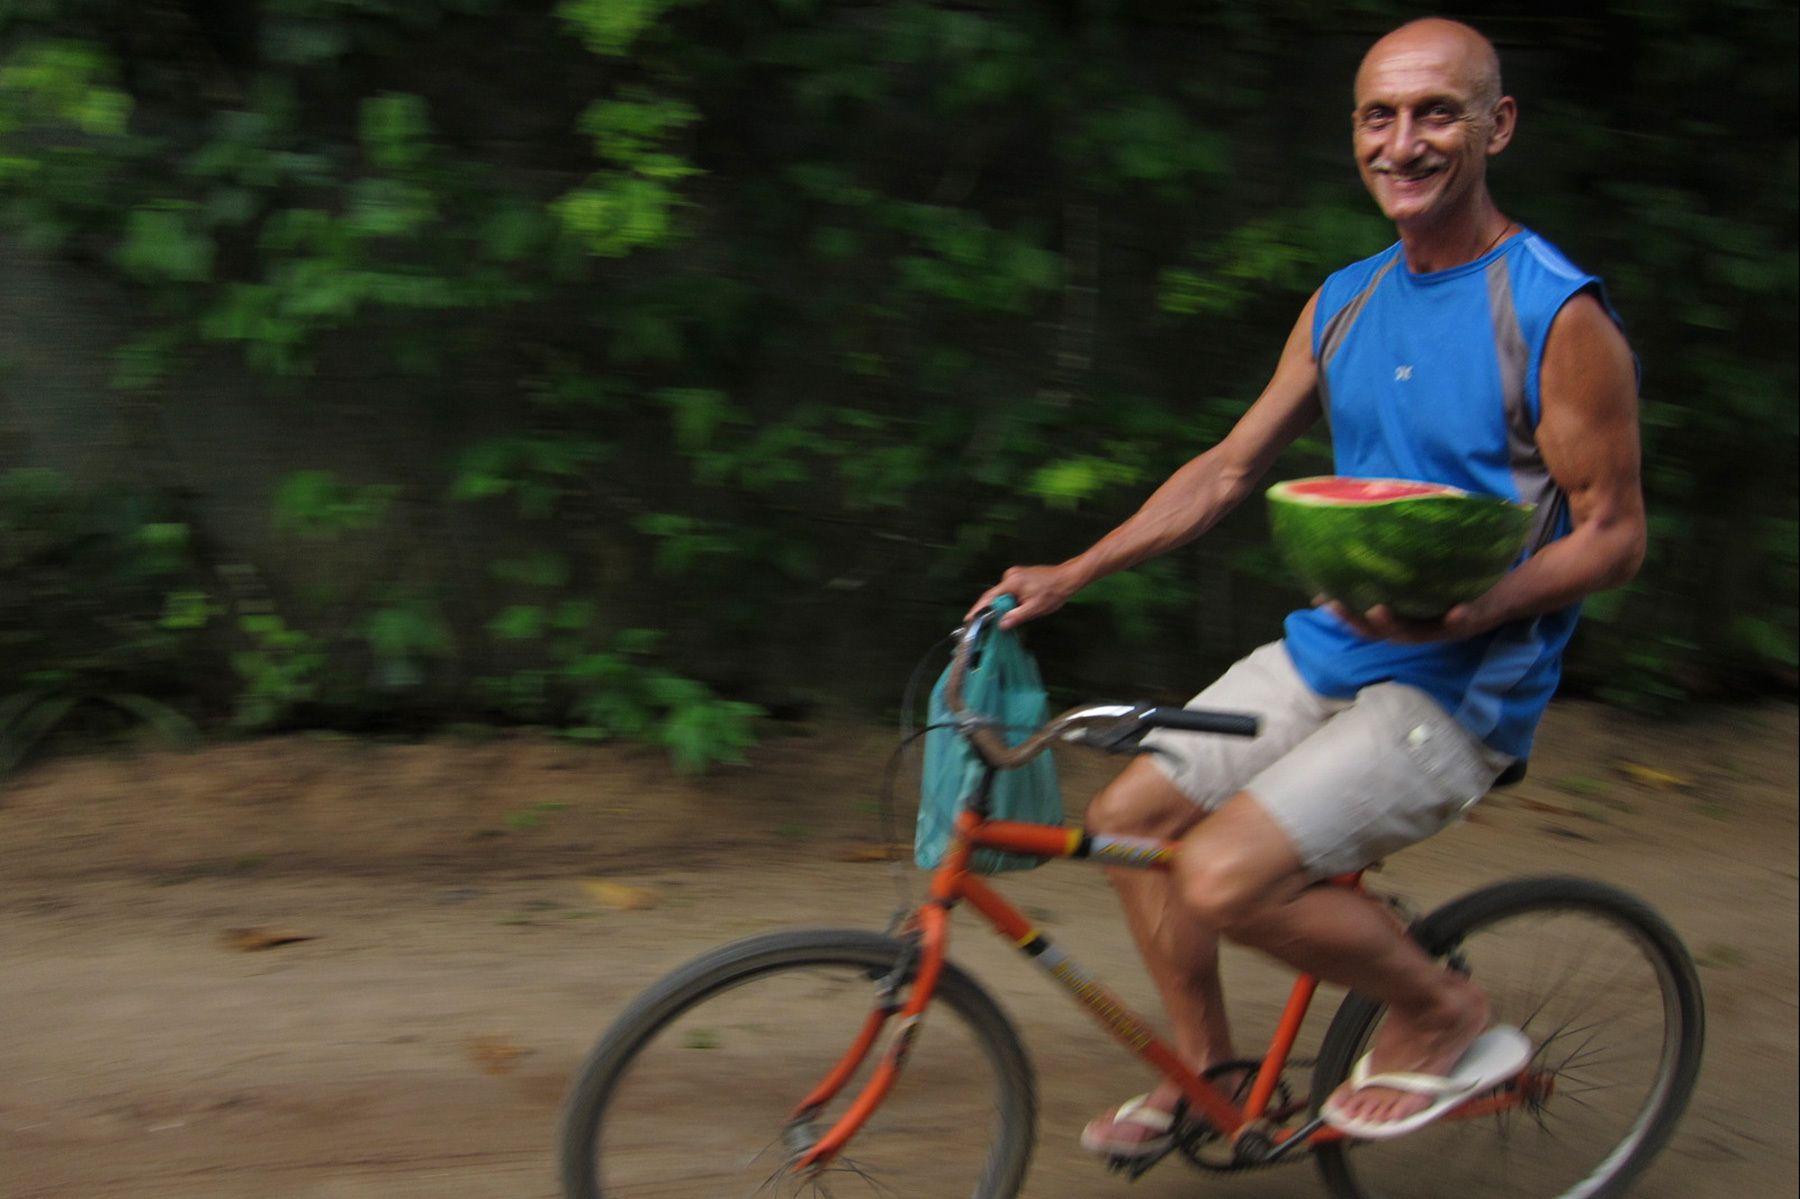 1bicyclist_with_watermelon.jpg